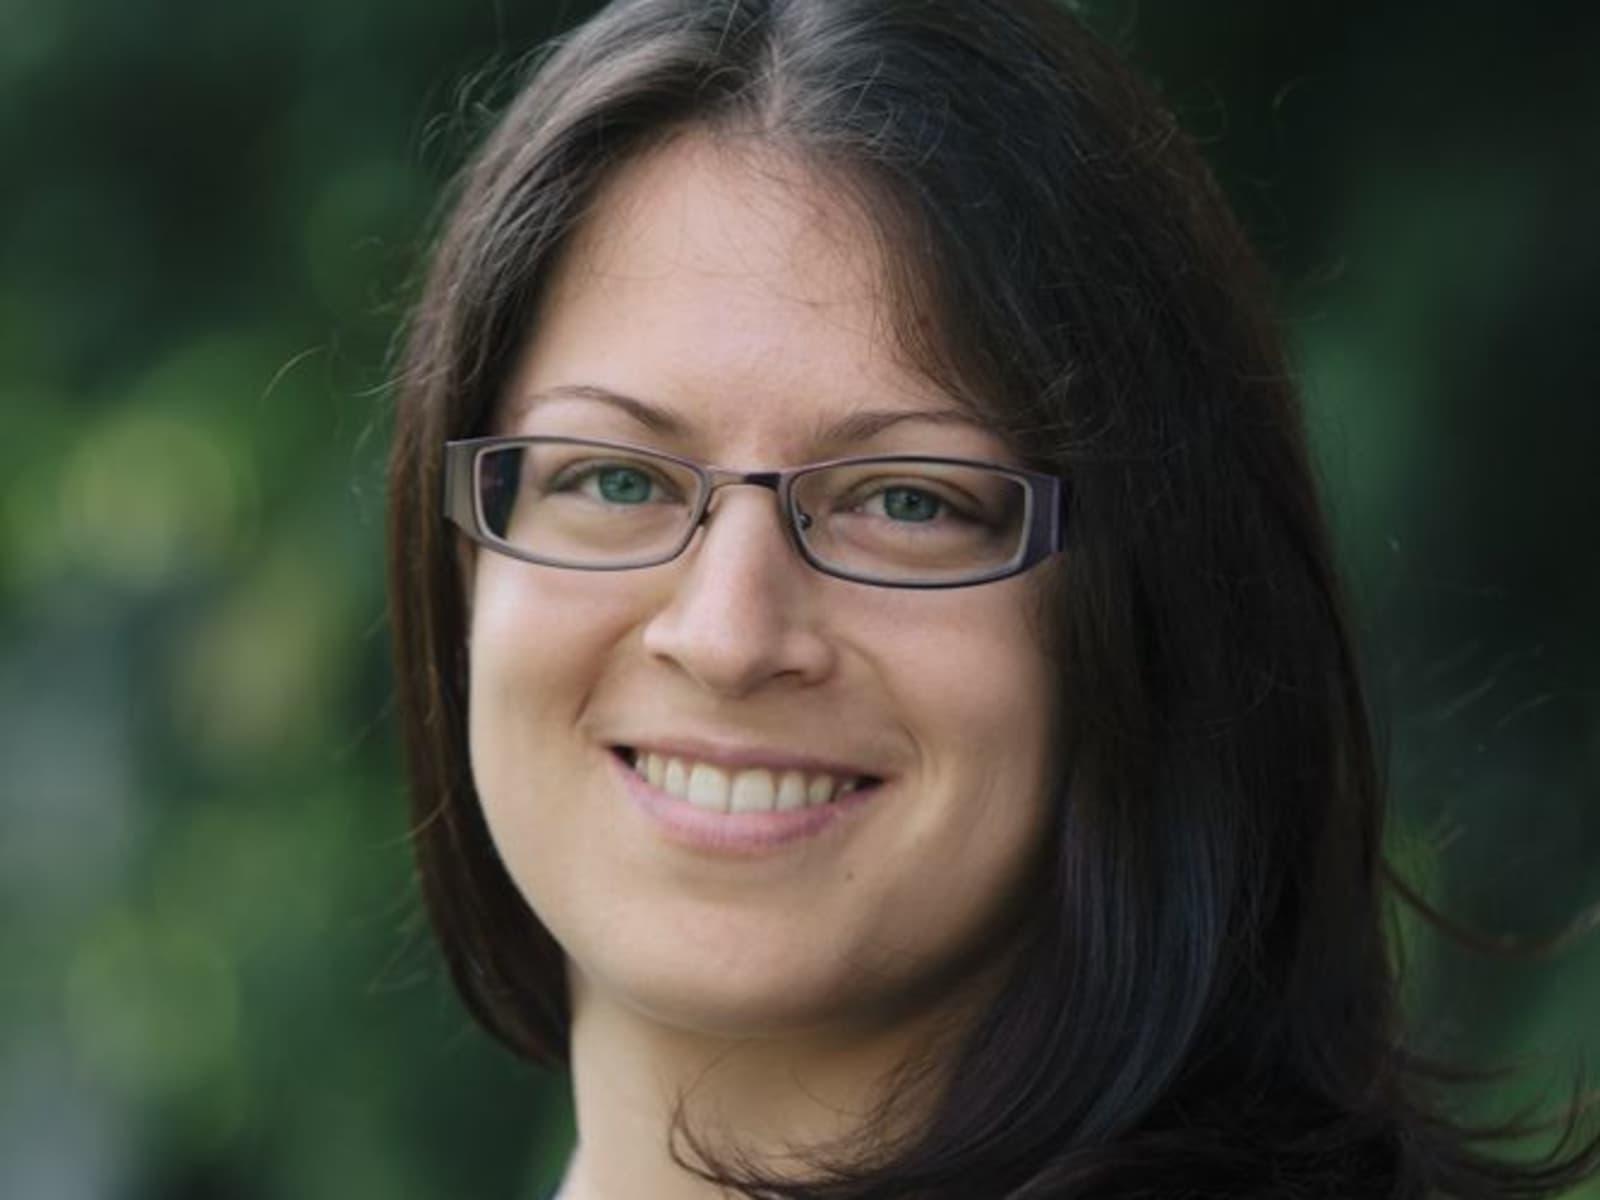 Mateja from Ljubljana, Slovenia